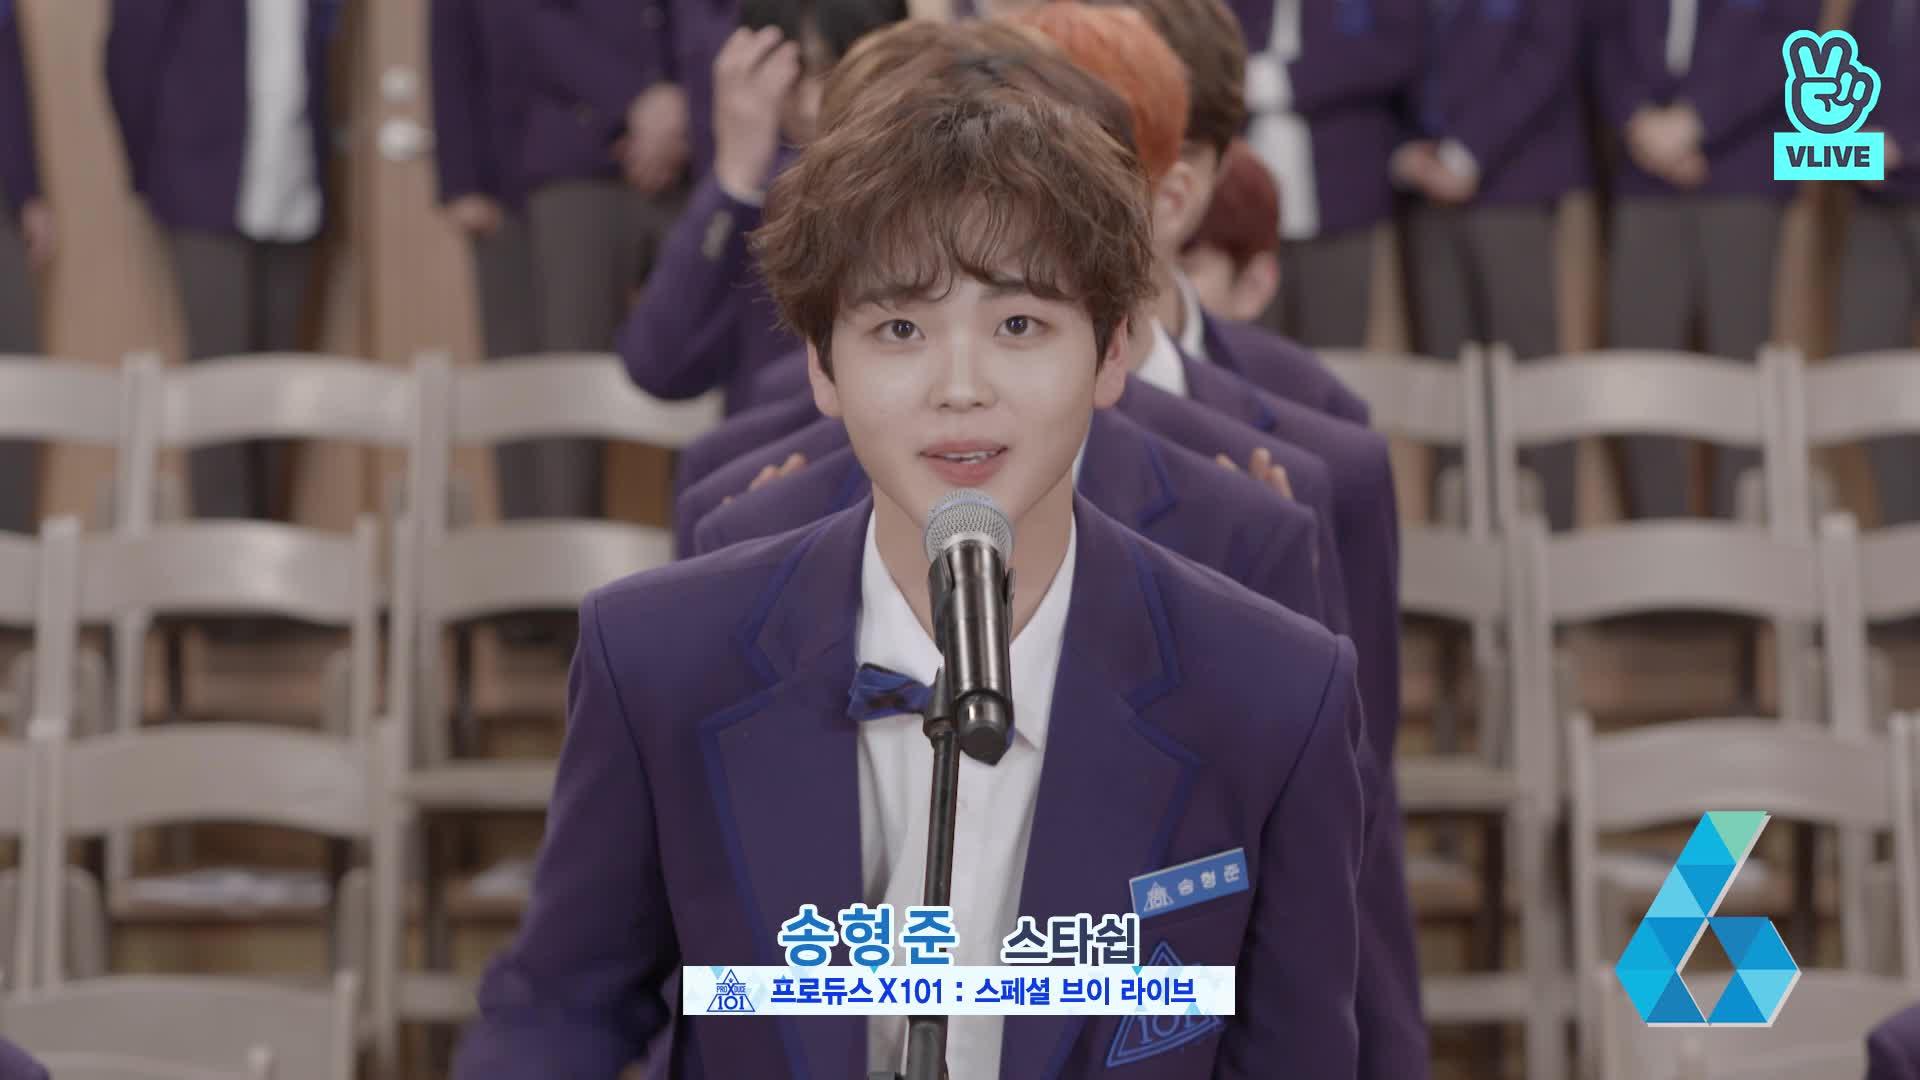 [PRODUCE X 101] 10sec. PR / SONG HYEONG JUN